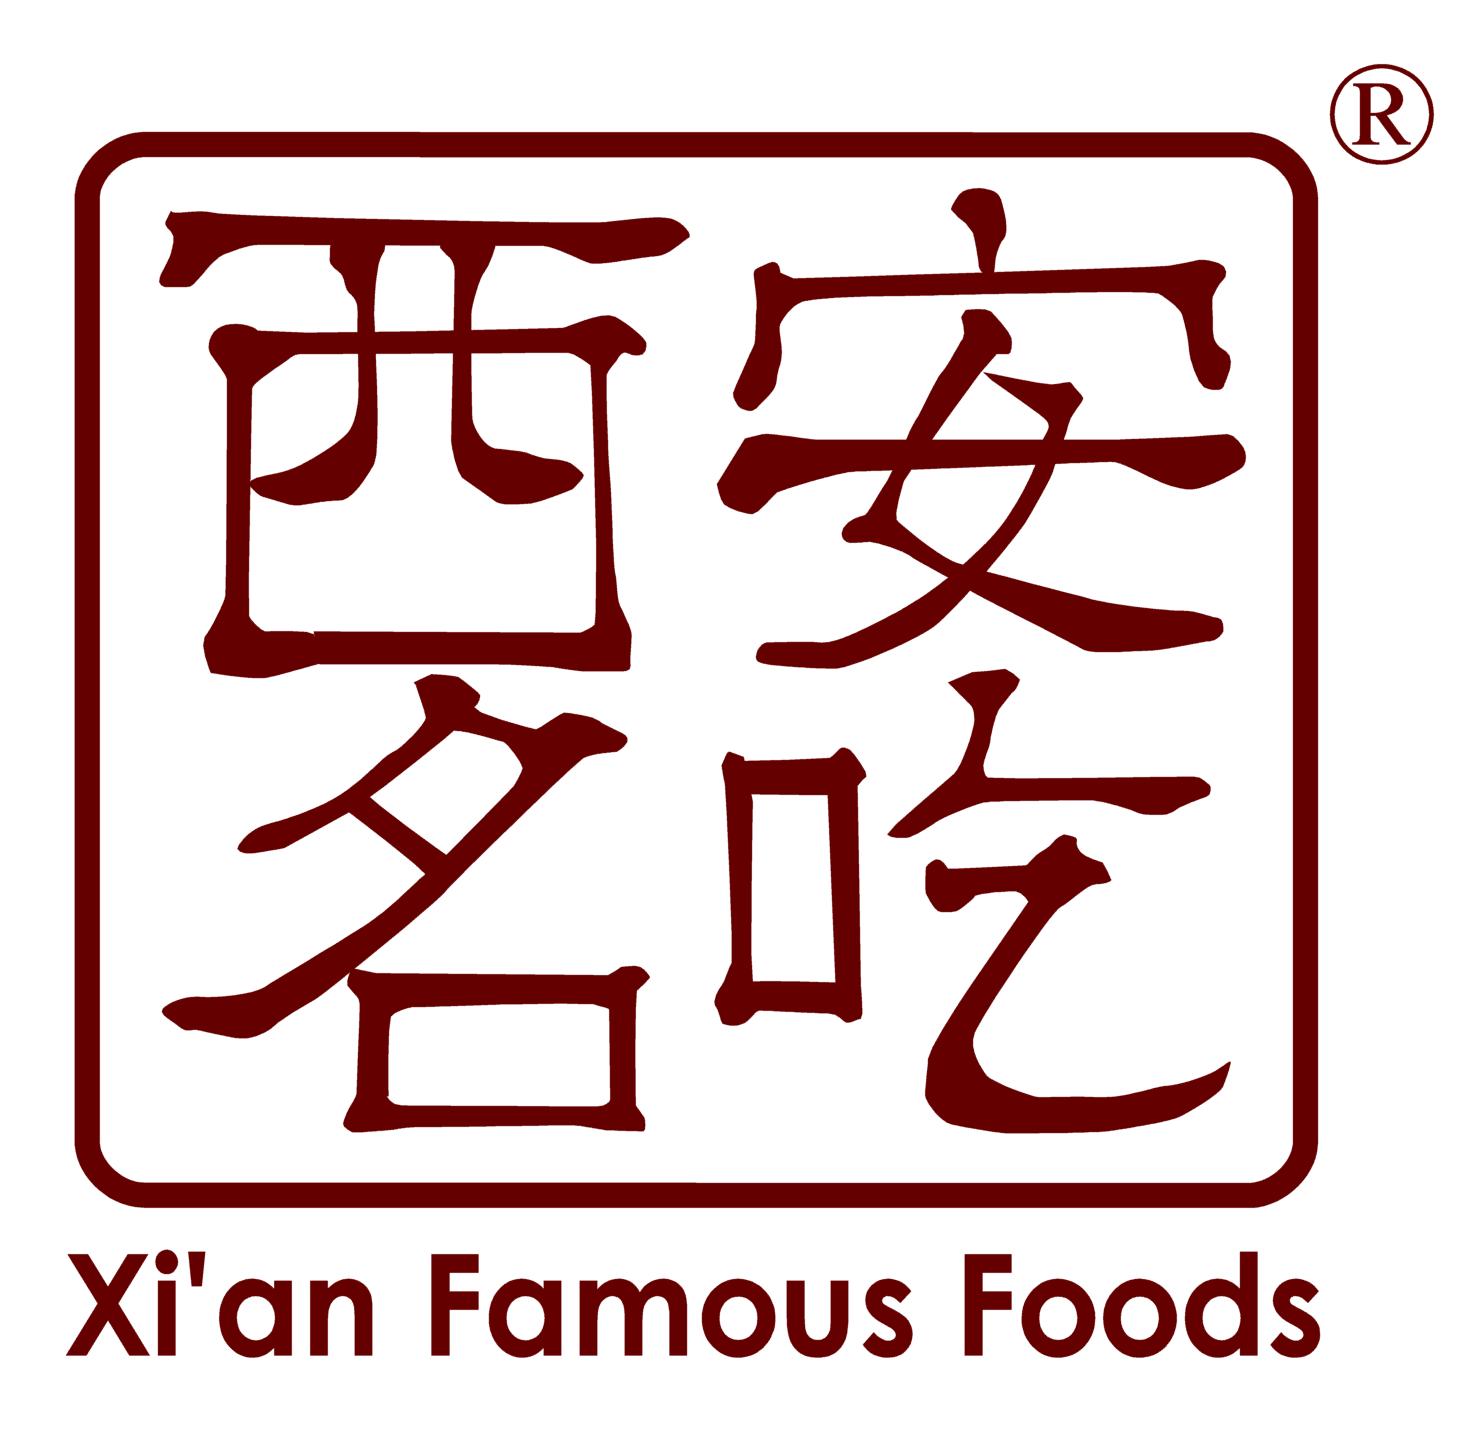 Xi'an Famous Foods logo